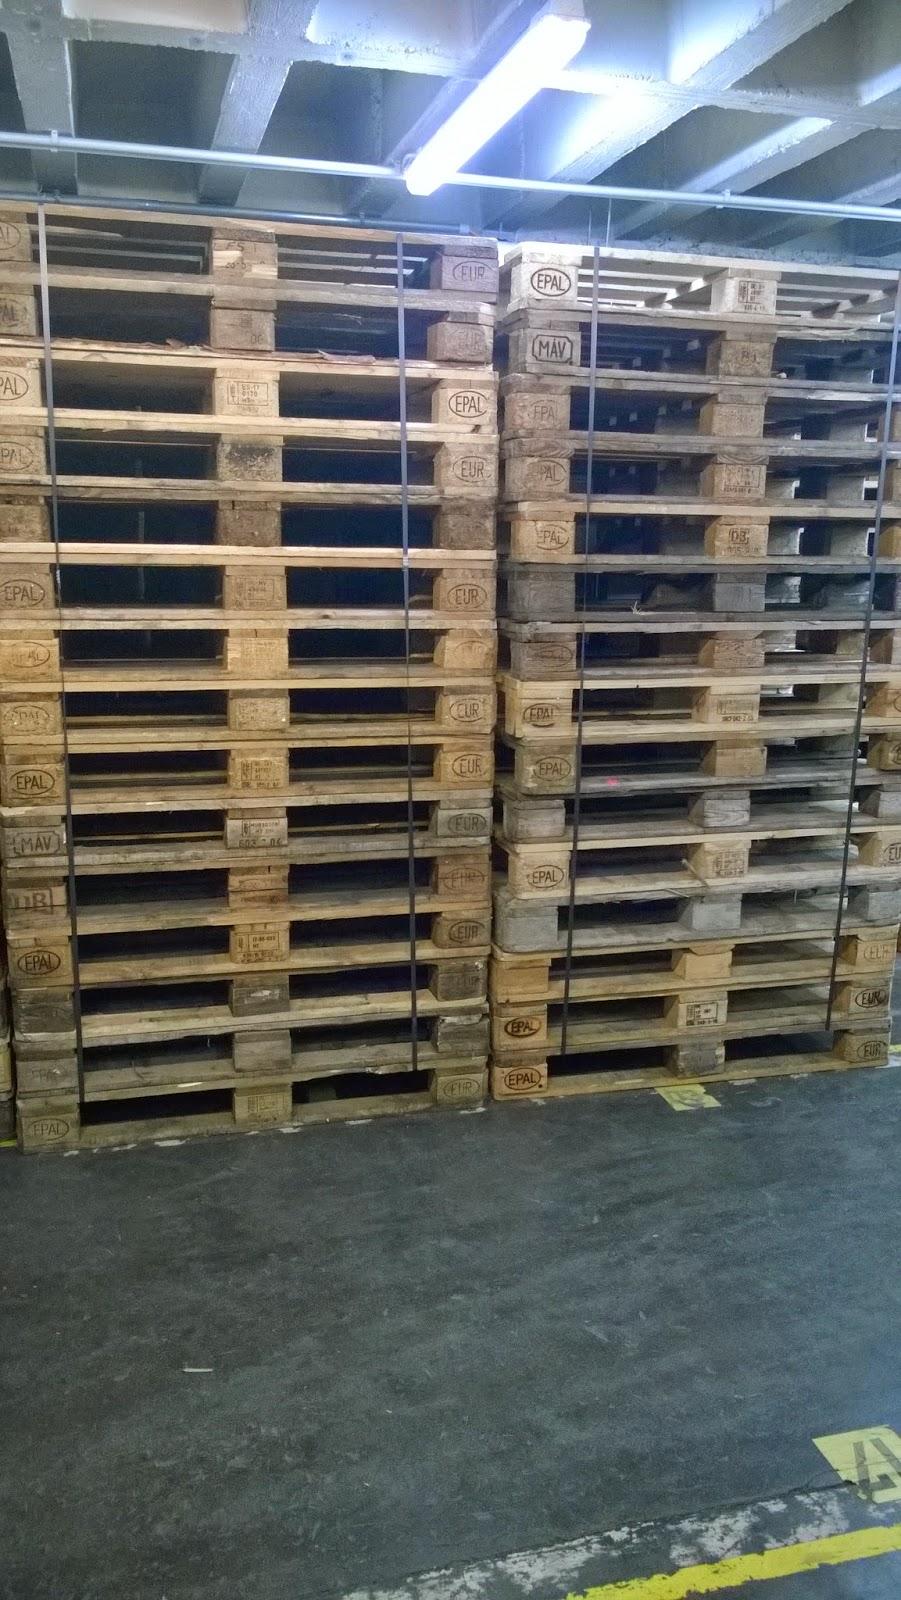 fachkraft für lagerlogistik - fkl: euro paletten - 0,96 quadratmeter